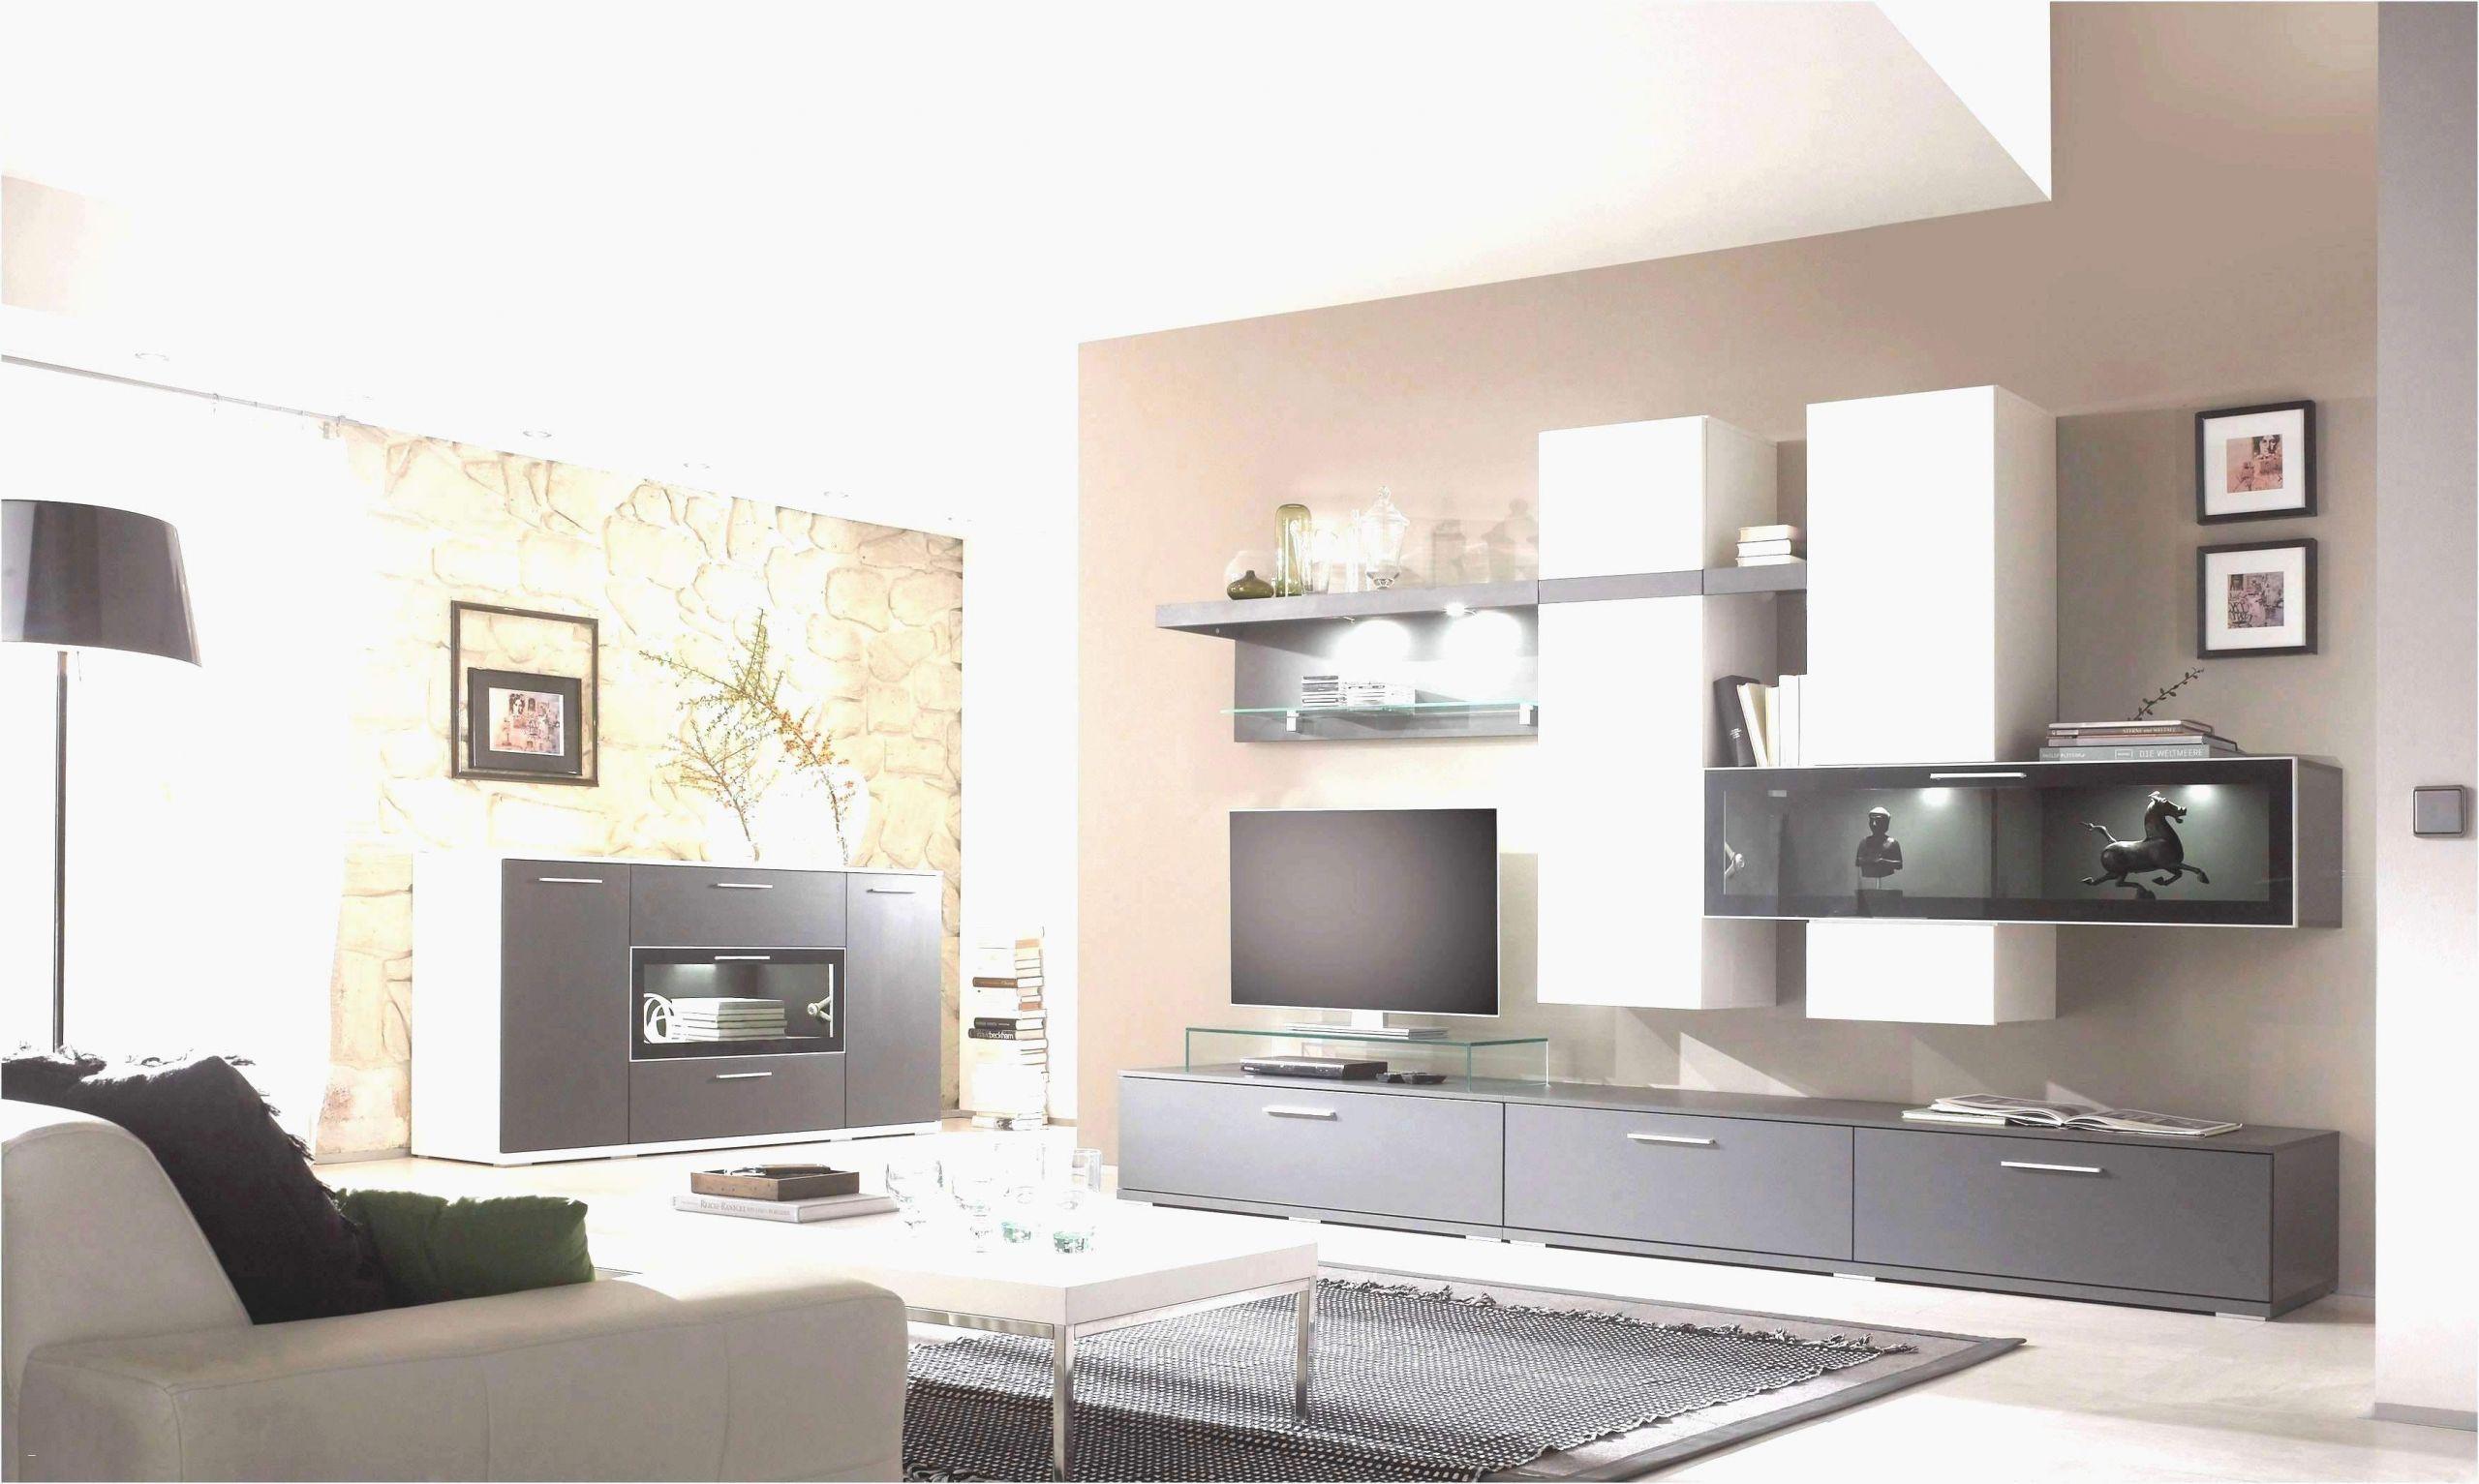 Full Size of 29 Genial Wohnzimmer Raumteiler Elegant Frisch Ikea Sofa Mit Schlaffunktion Betten Bei Miniküche Küche Kosten Modulküche Kaufen 160x200 Wohnzimmer Schrankbett Ikea